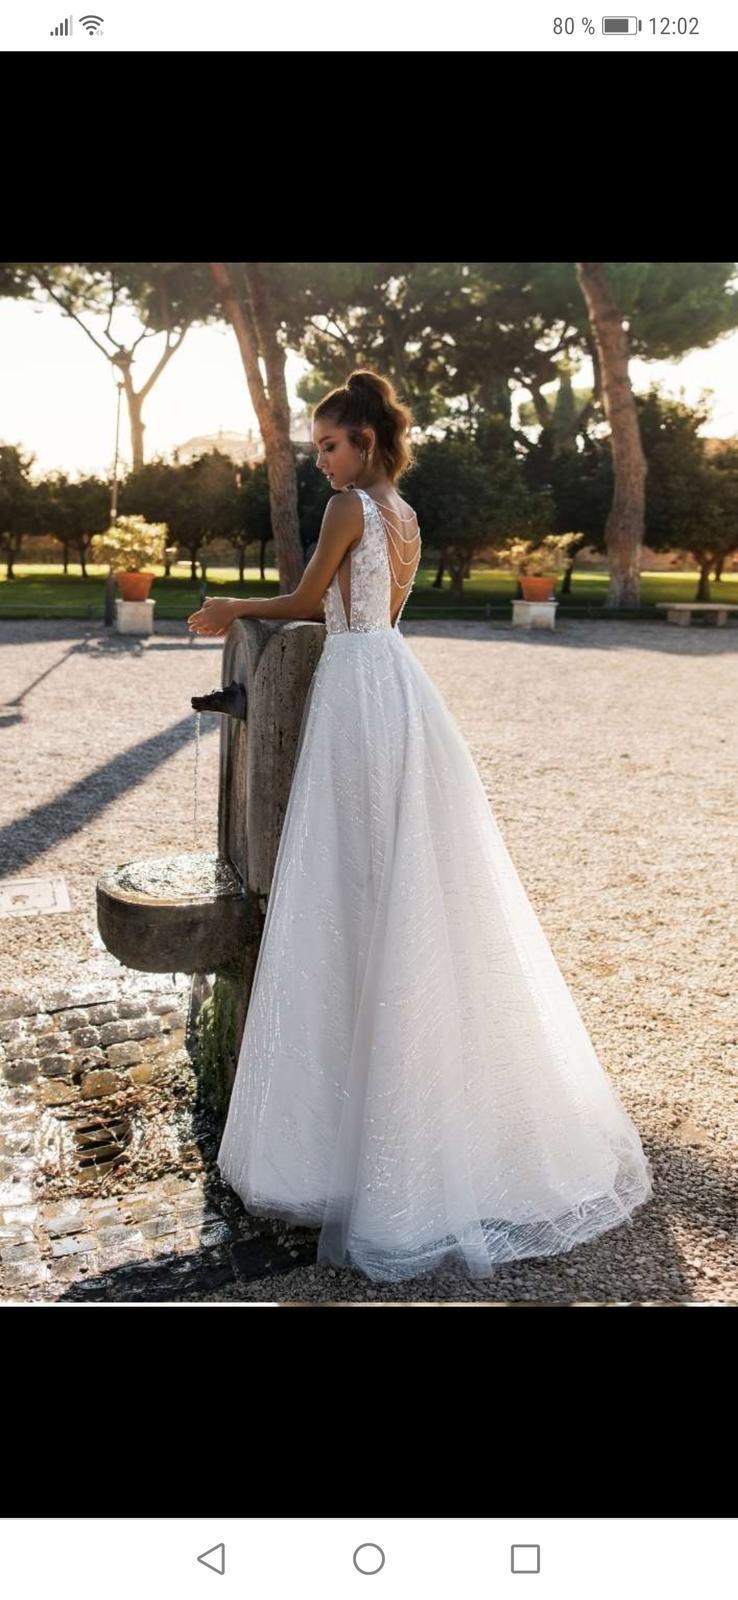 Nava bride - Obrázok č. 1